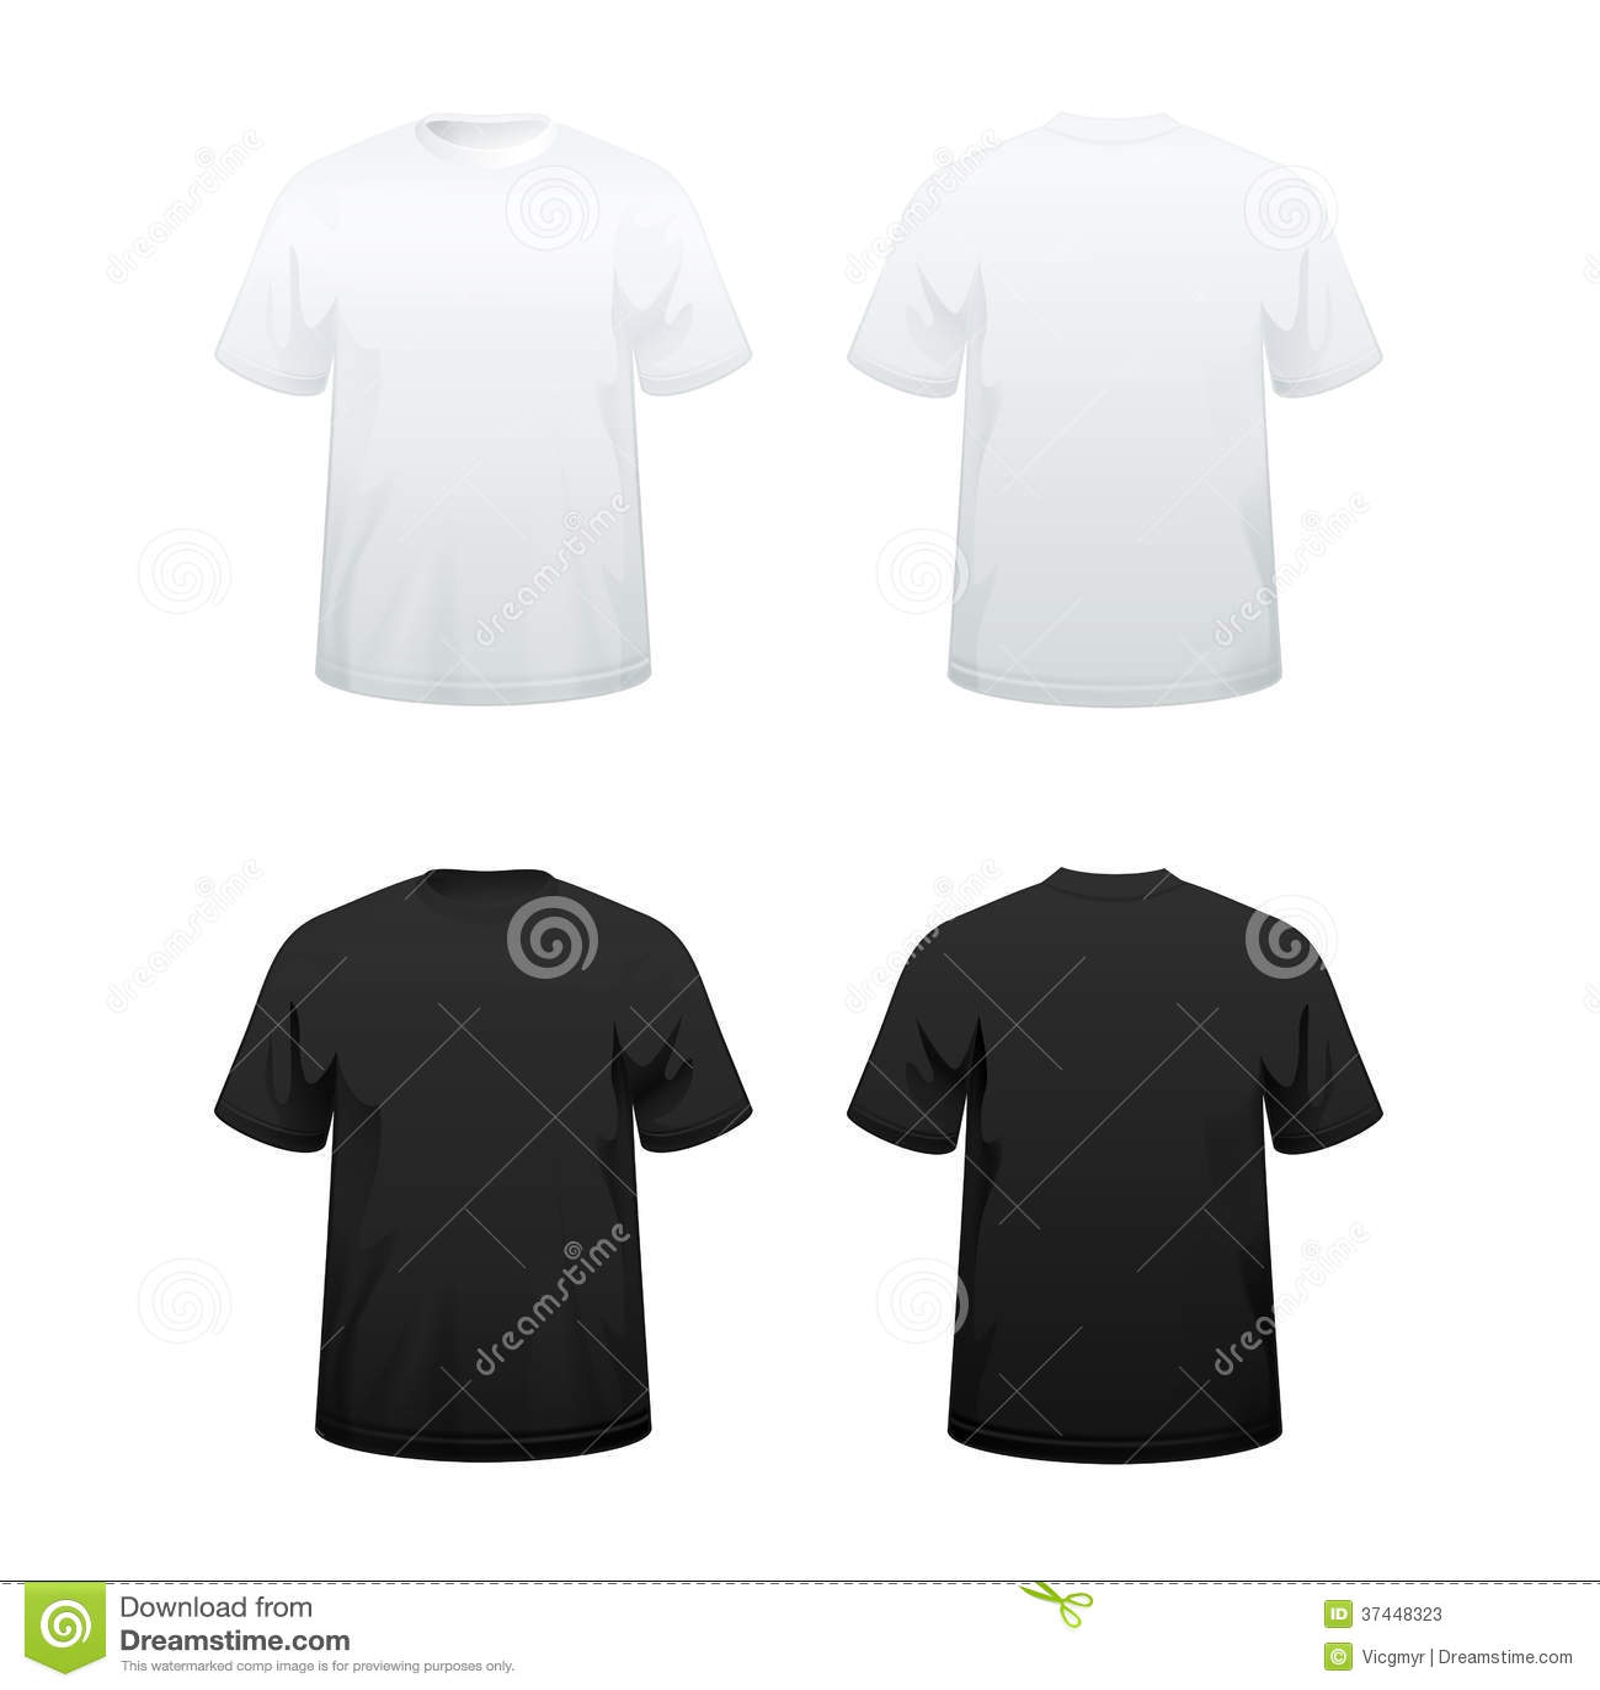 Incoraggiare Dovrebbero è lì  Magliette Nel Bianco E Nel Nero Illustrazione Vettoriale - Illustrazione di  vettore, cotone: 37448323